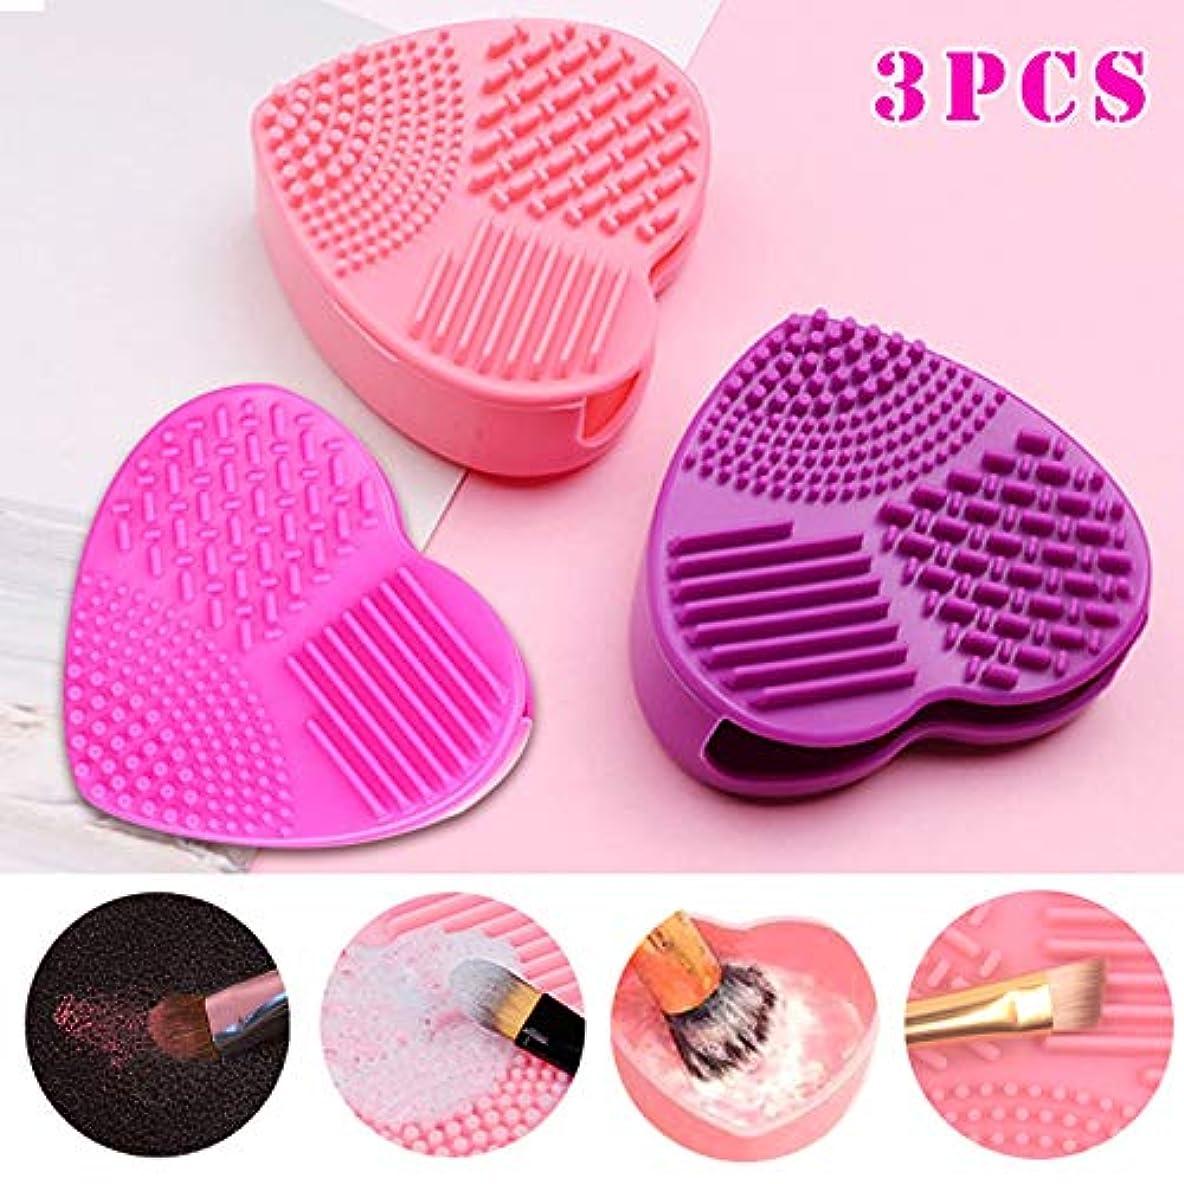 エコー管理する証書Symboat 3つのハート型の化粧ブラシのクリーニングパッド 洗浄ブラシ ピンクのハート形 化粧ブラシ用清掃パッド